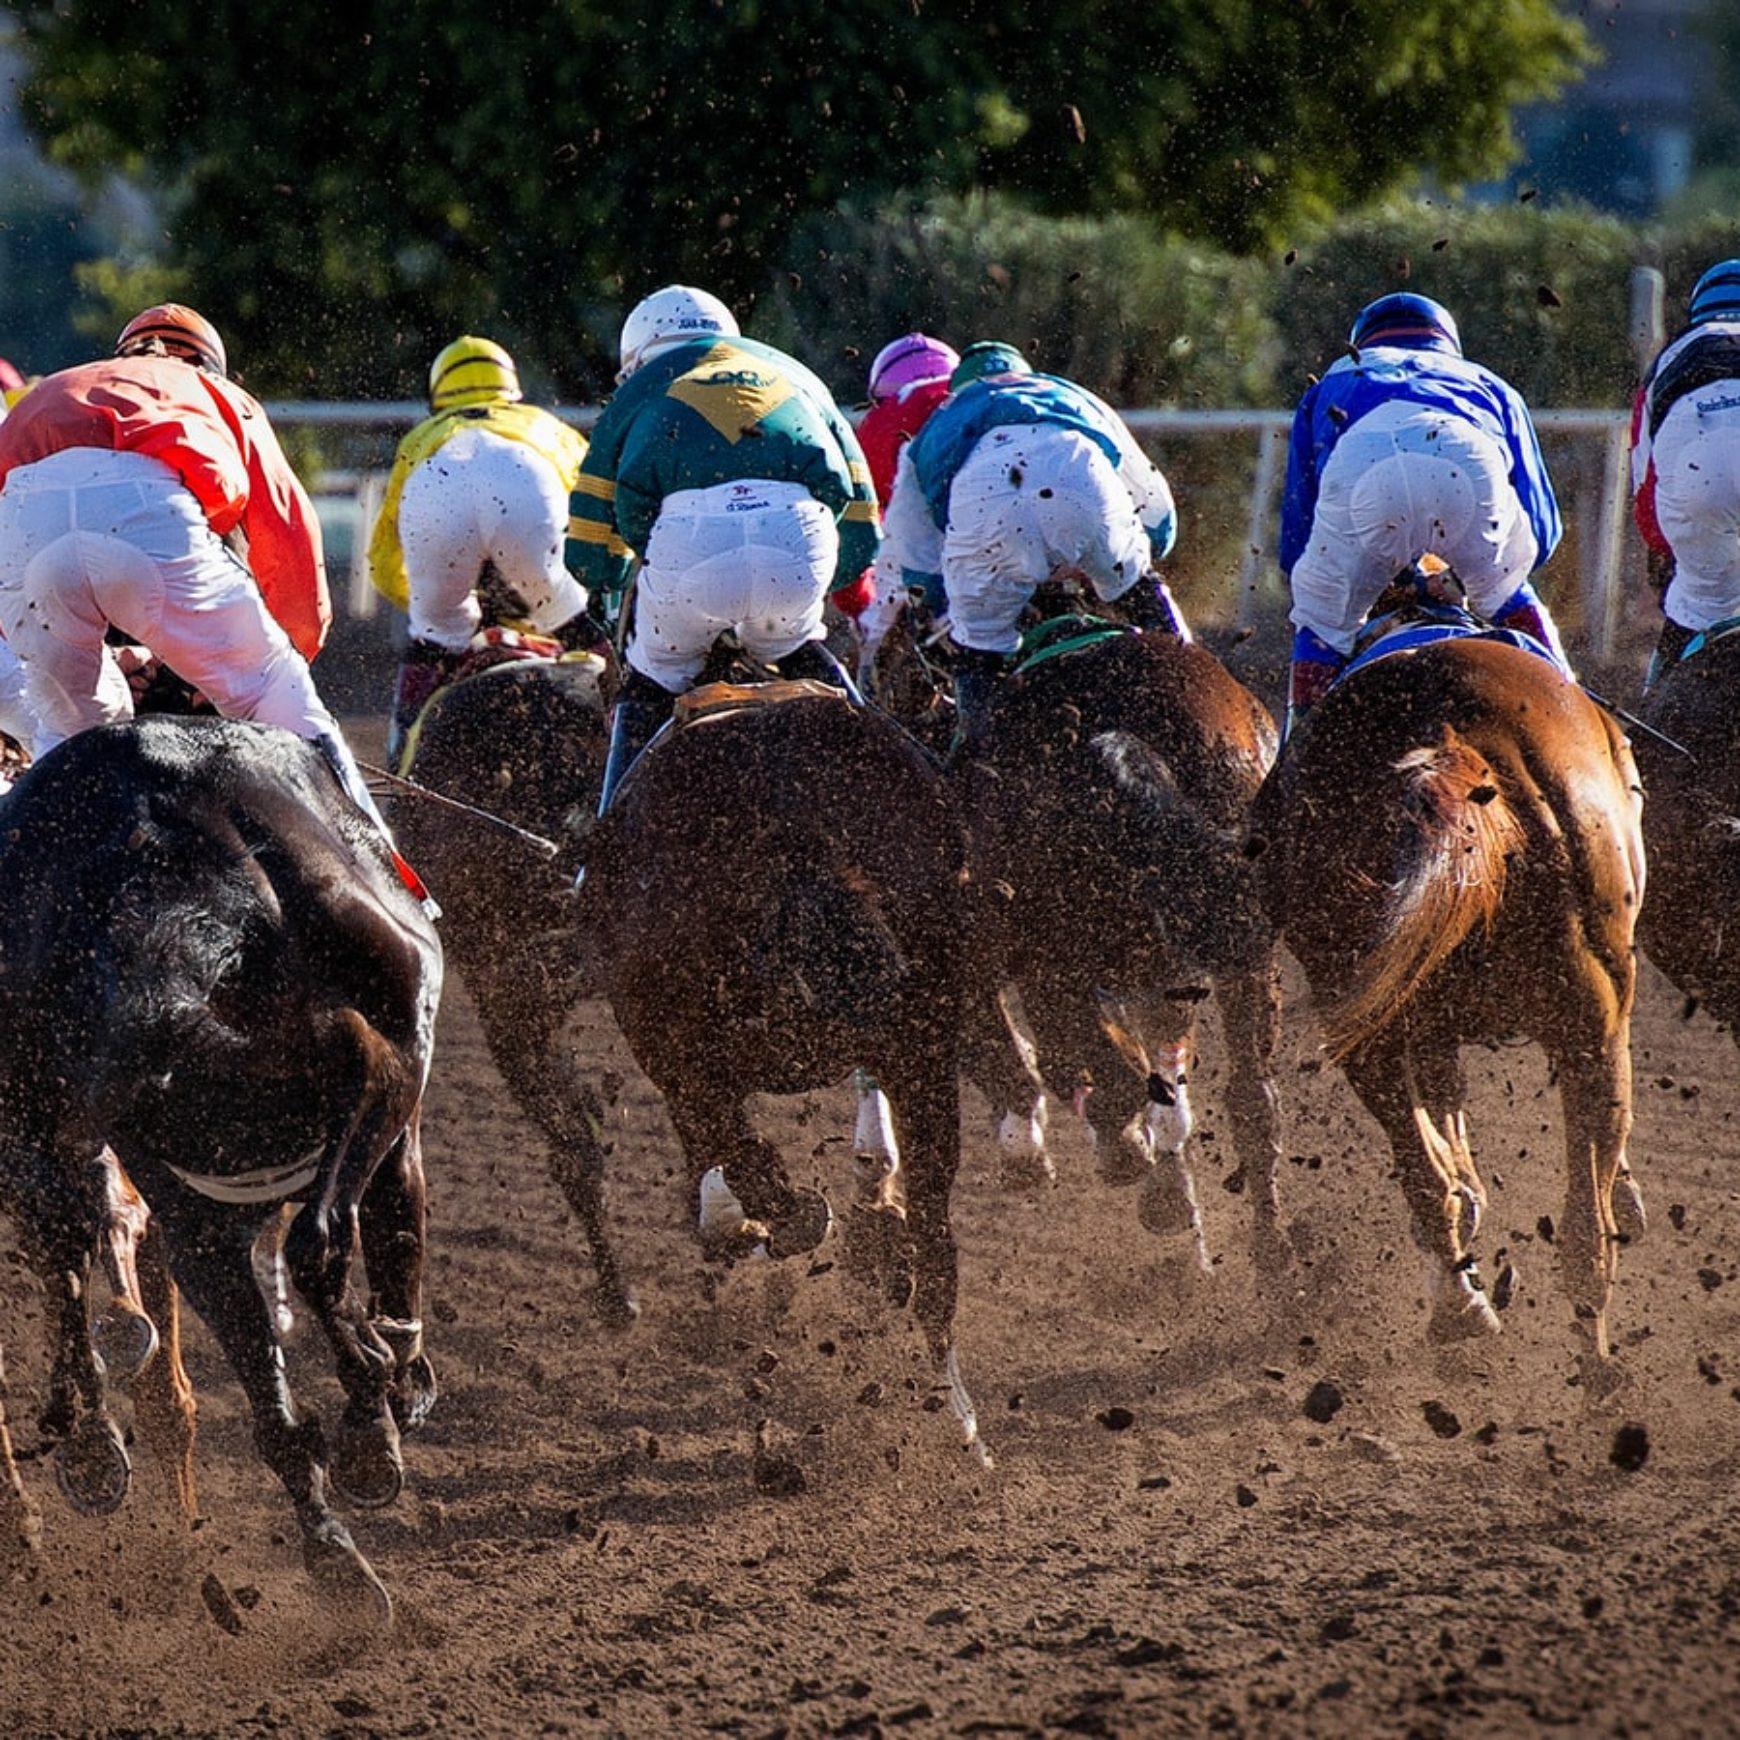 Jubileusz firmy z tematyką rodeo